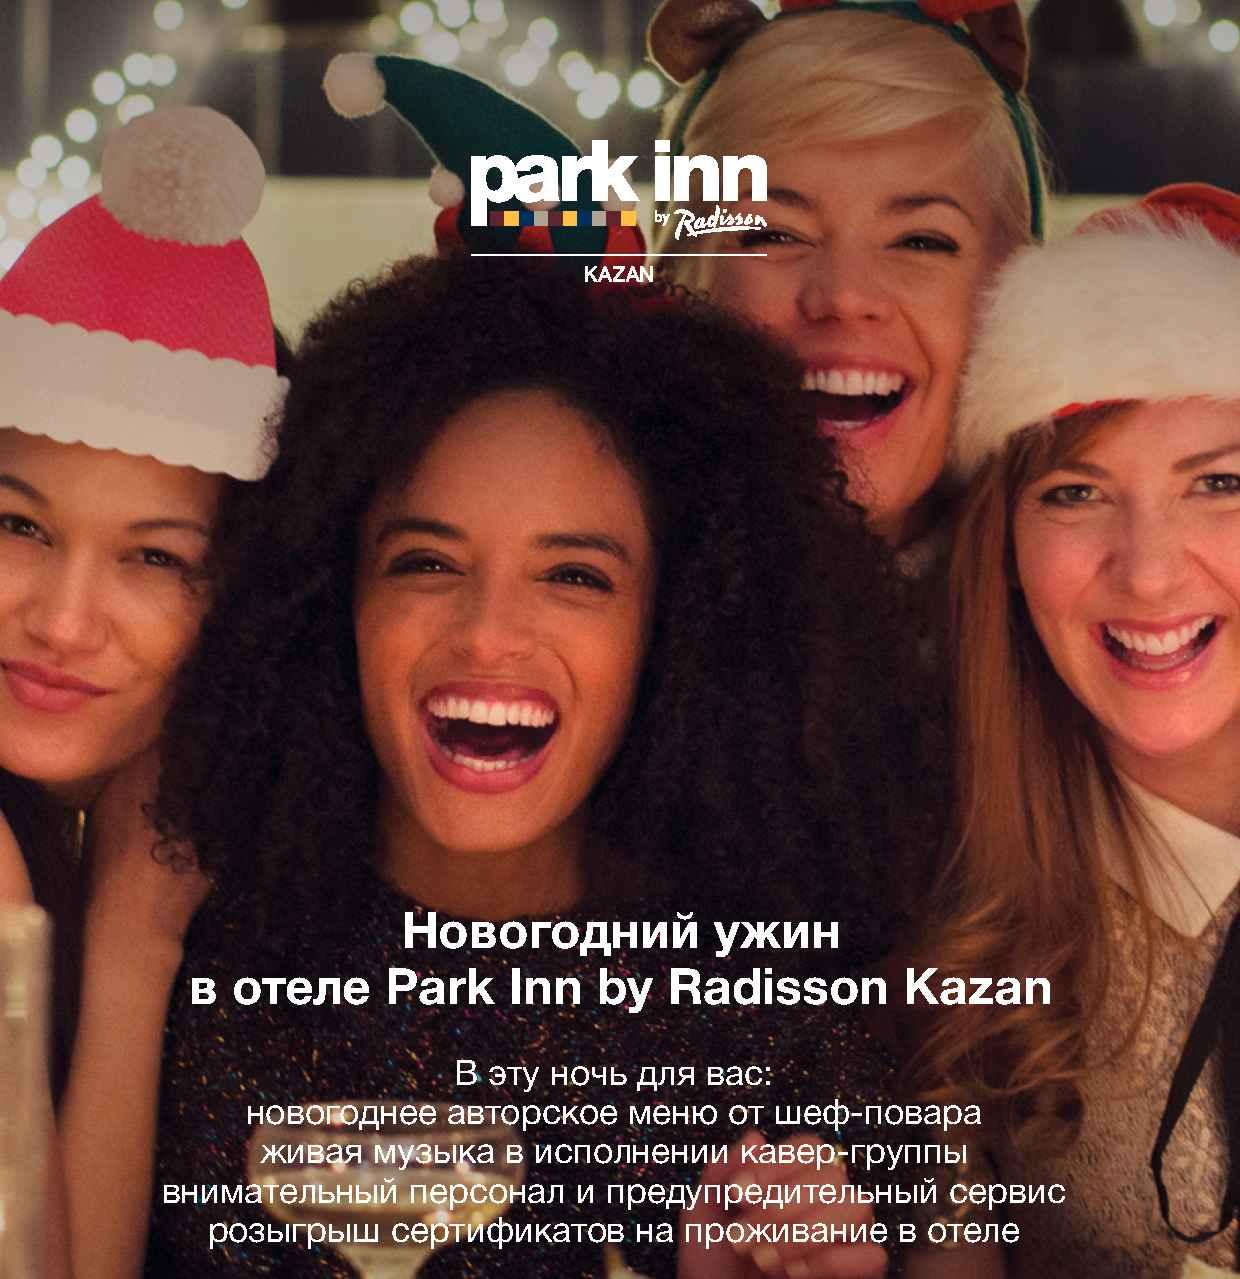 Праздничный ужин 31 декабря в гостинице Парк Инн (Казань)